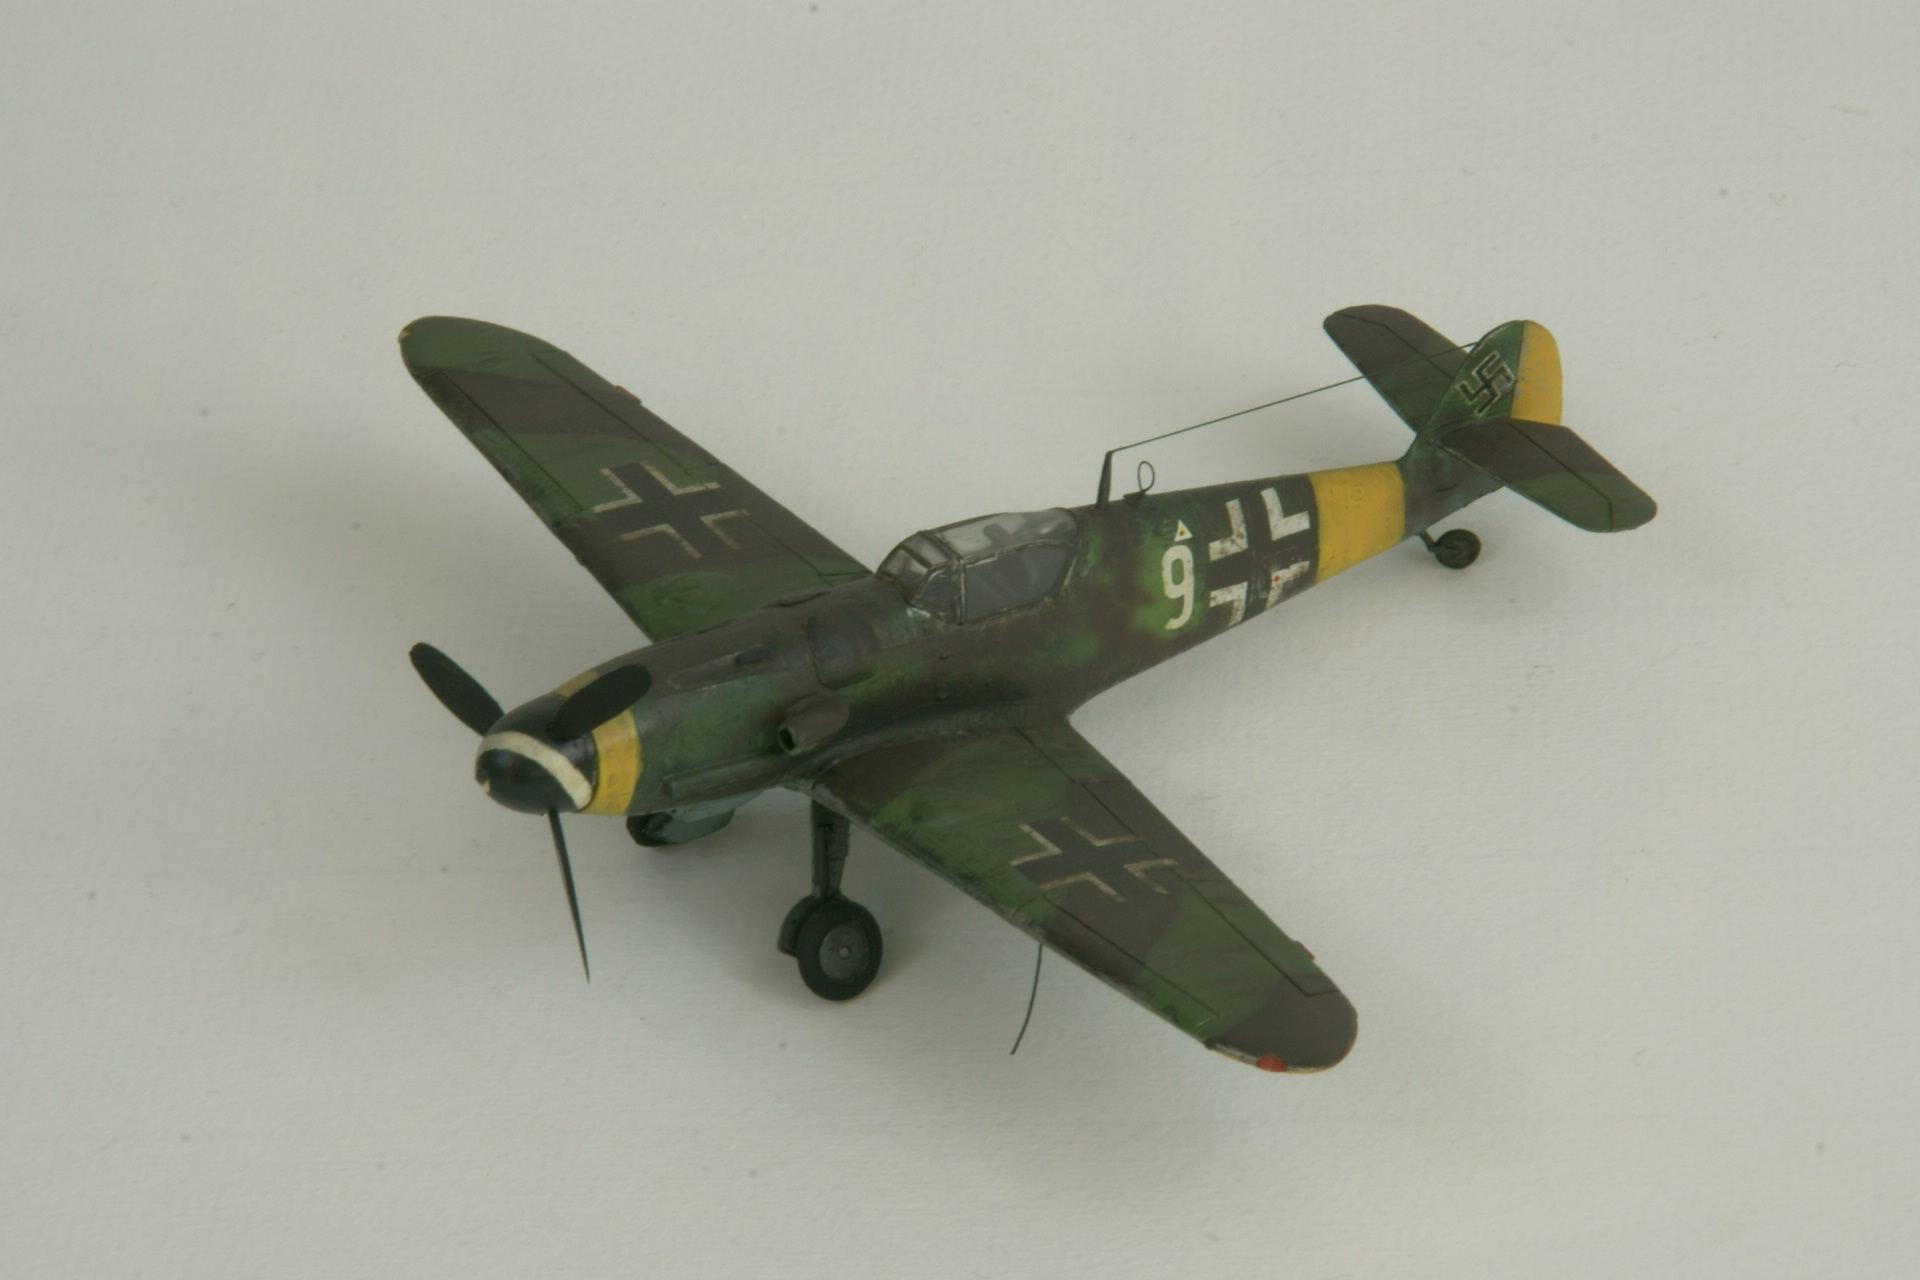 Messerschmitt 109g 14 as 1